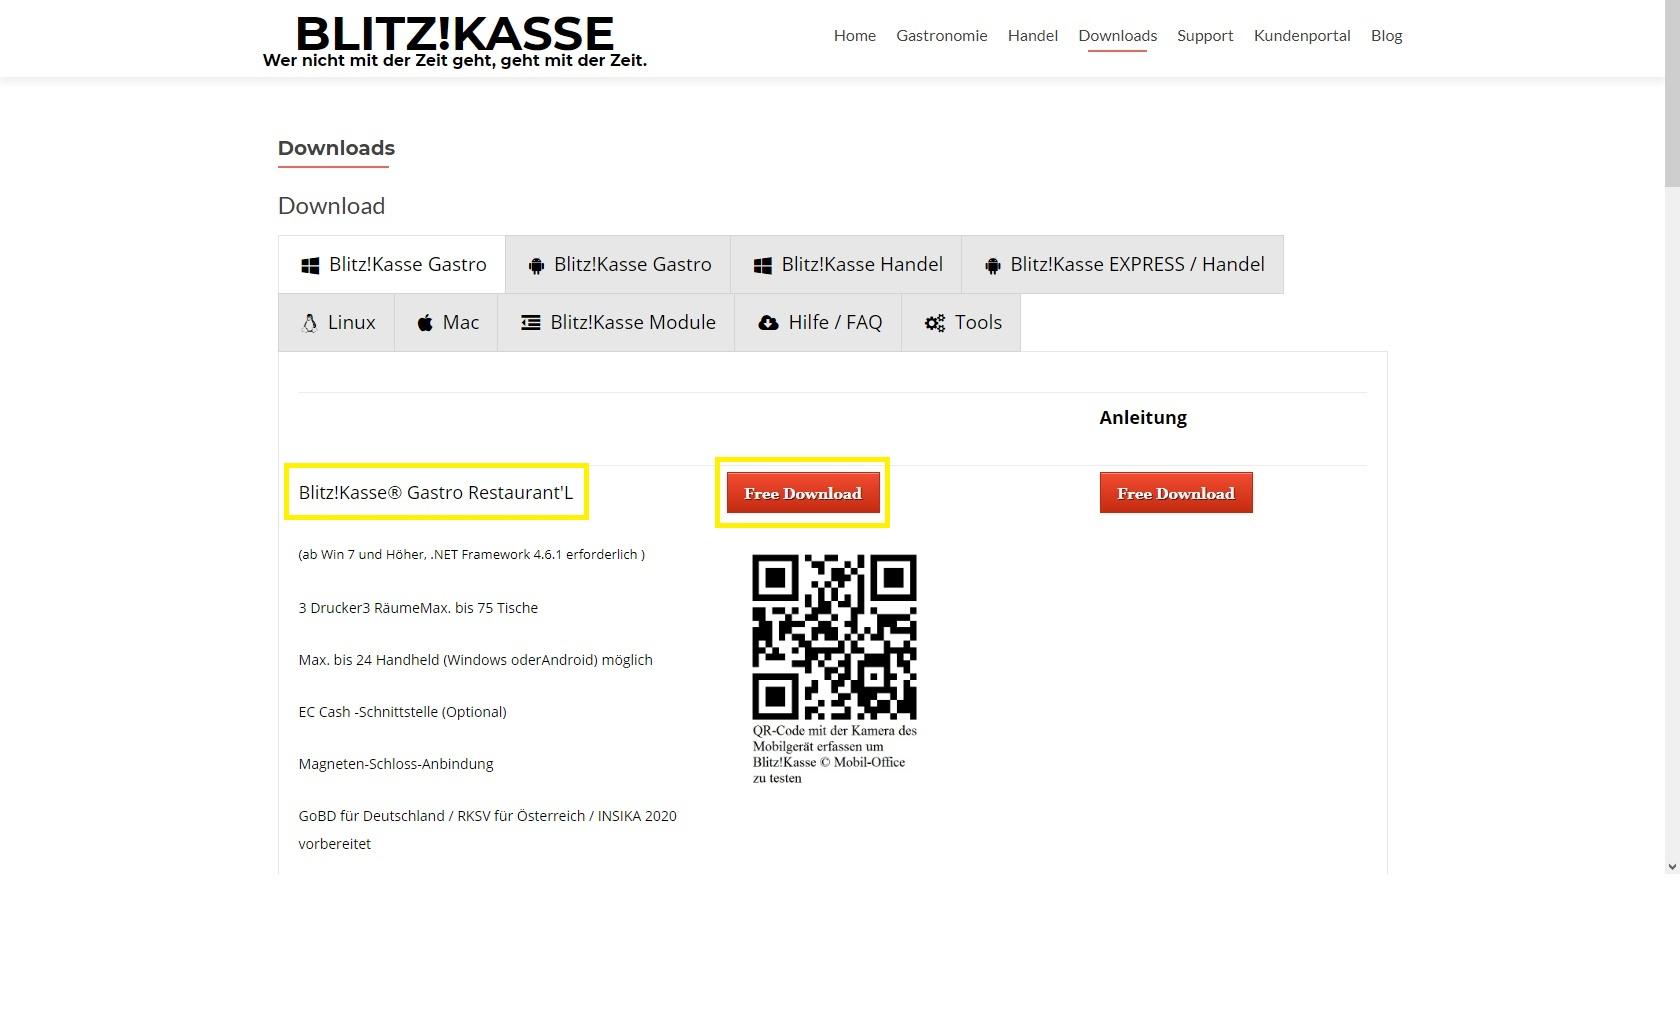 unsere Kundenseite für Download der Softwarem Support, Module, für windows oder Android